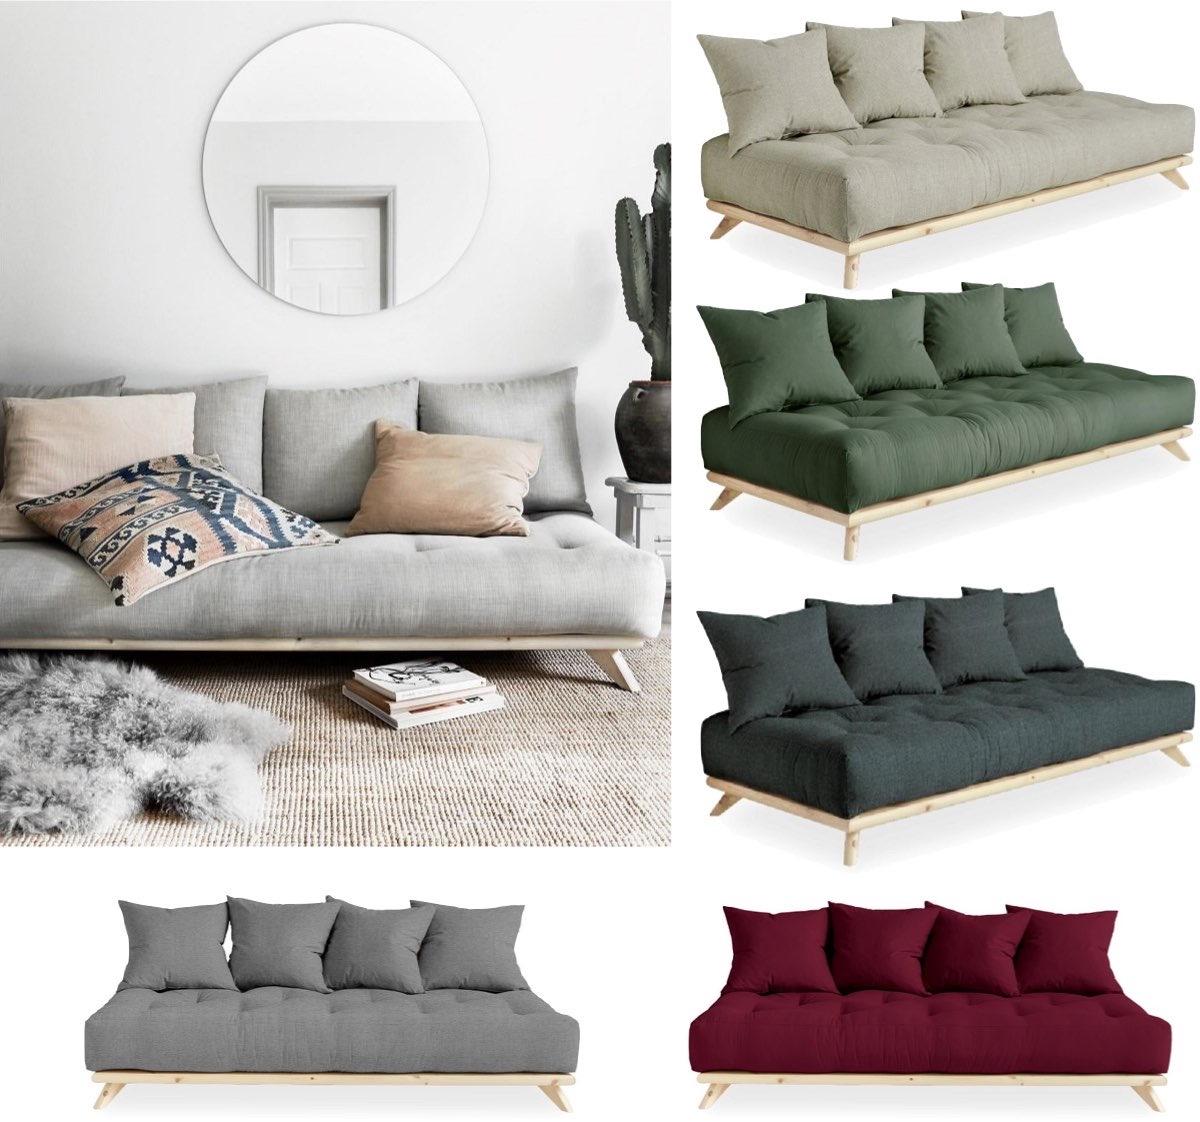 salon scandinave canapé lit futon fabriqué Danemark déco hygge blog - clem around the corner